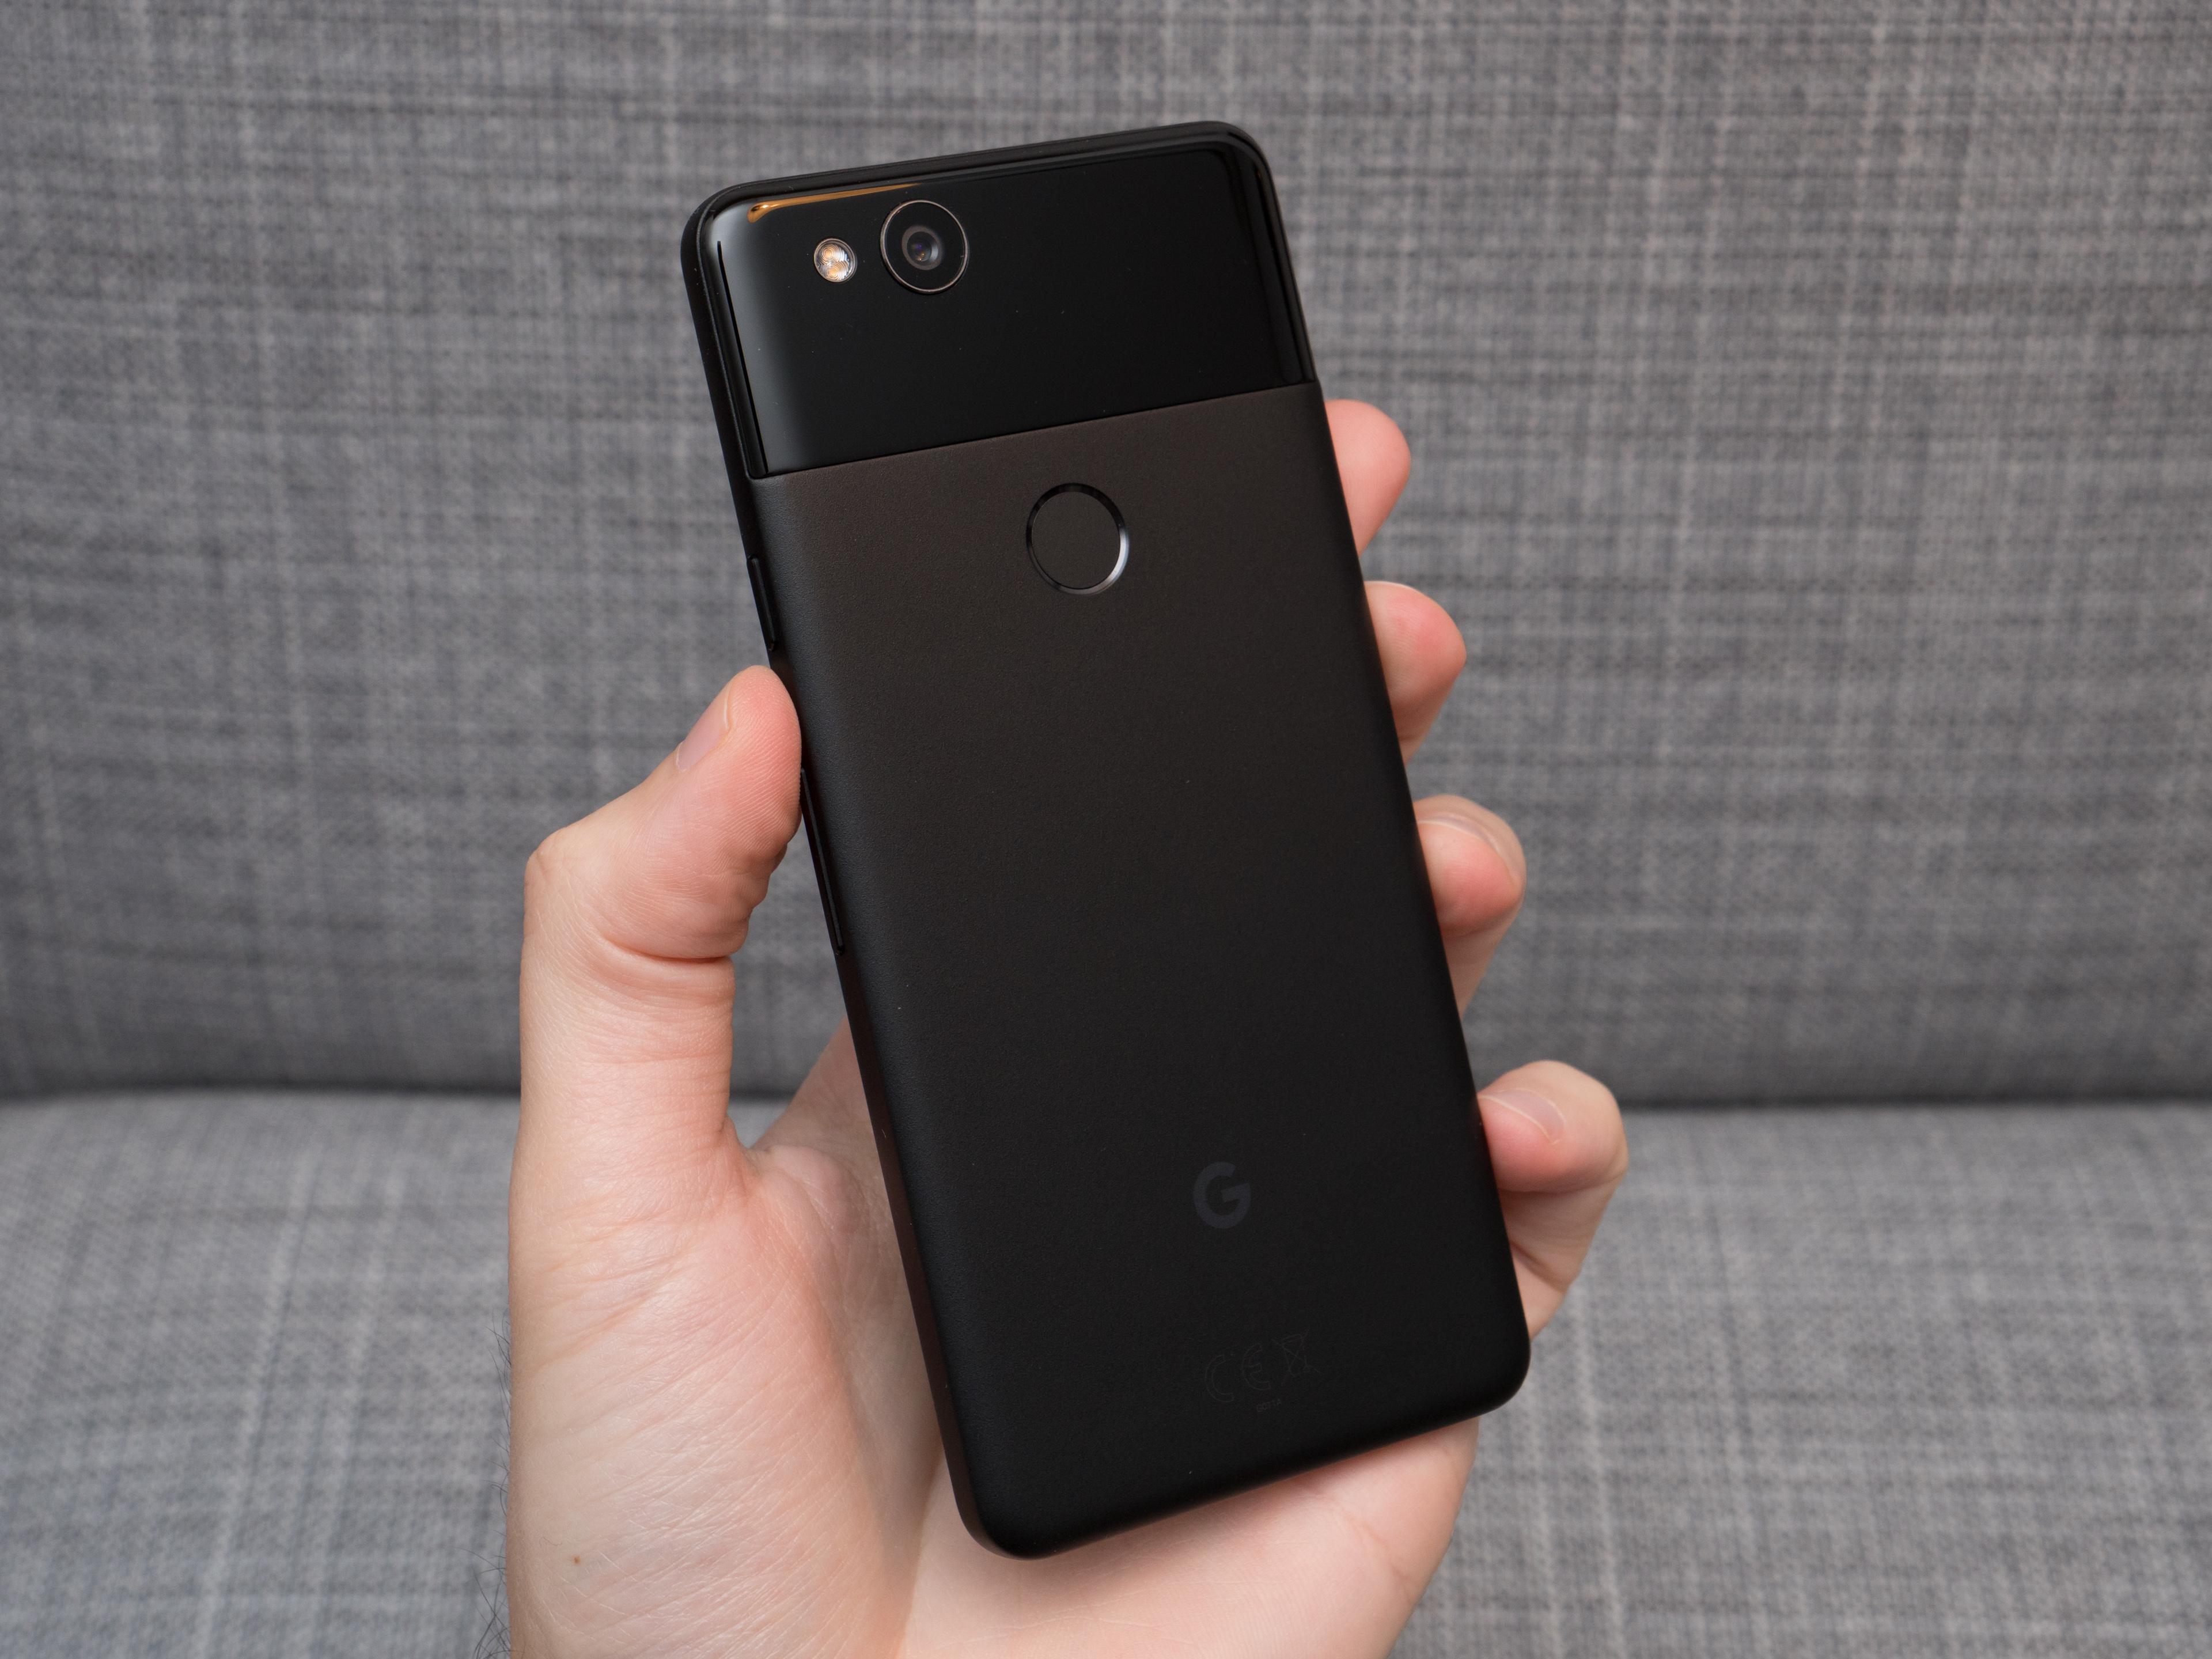 L'iPhone XS n'est pas assez bon en photo pour surpasser le Google Pixel 2 sorti un an avant